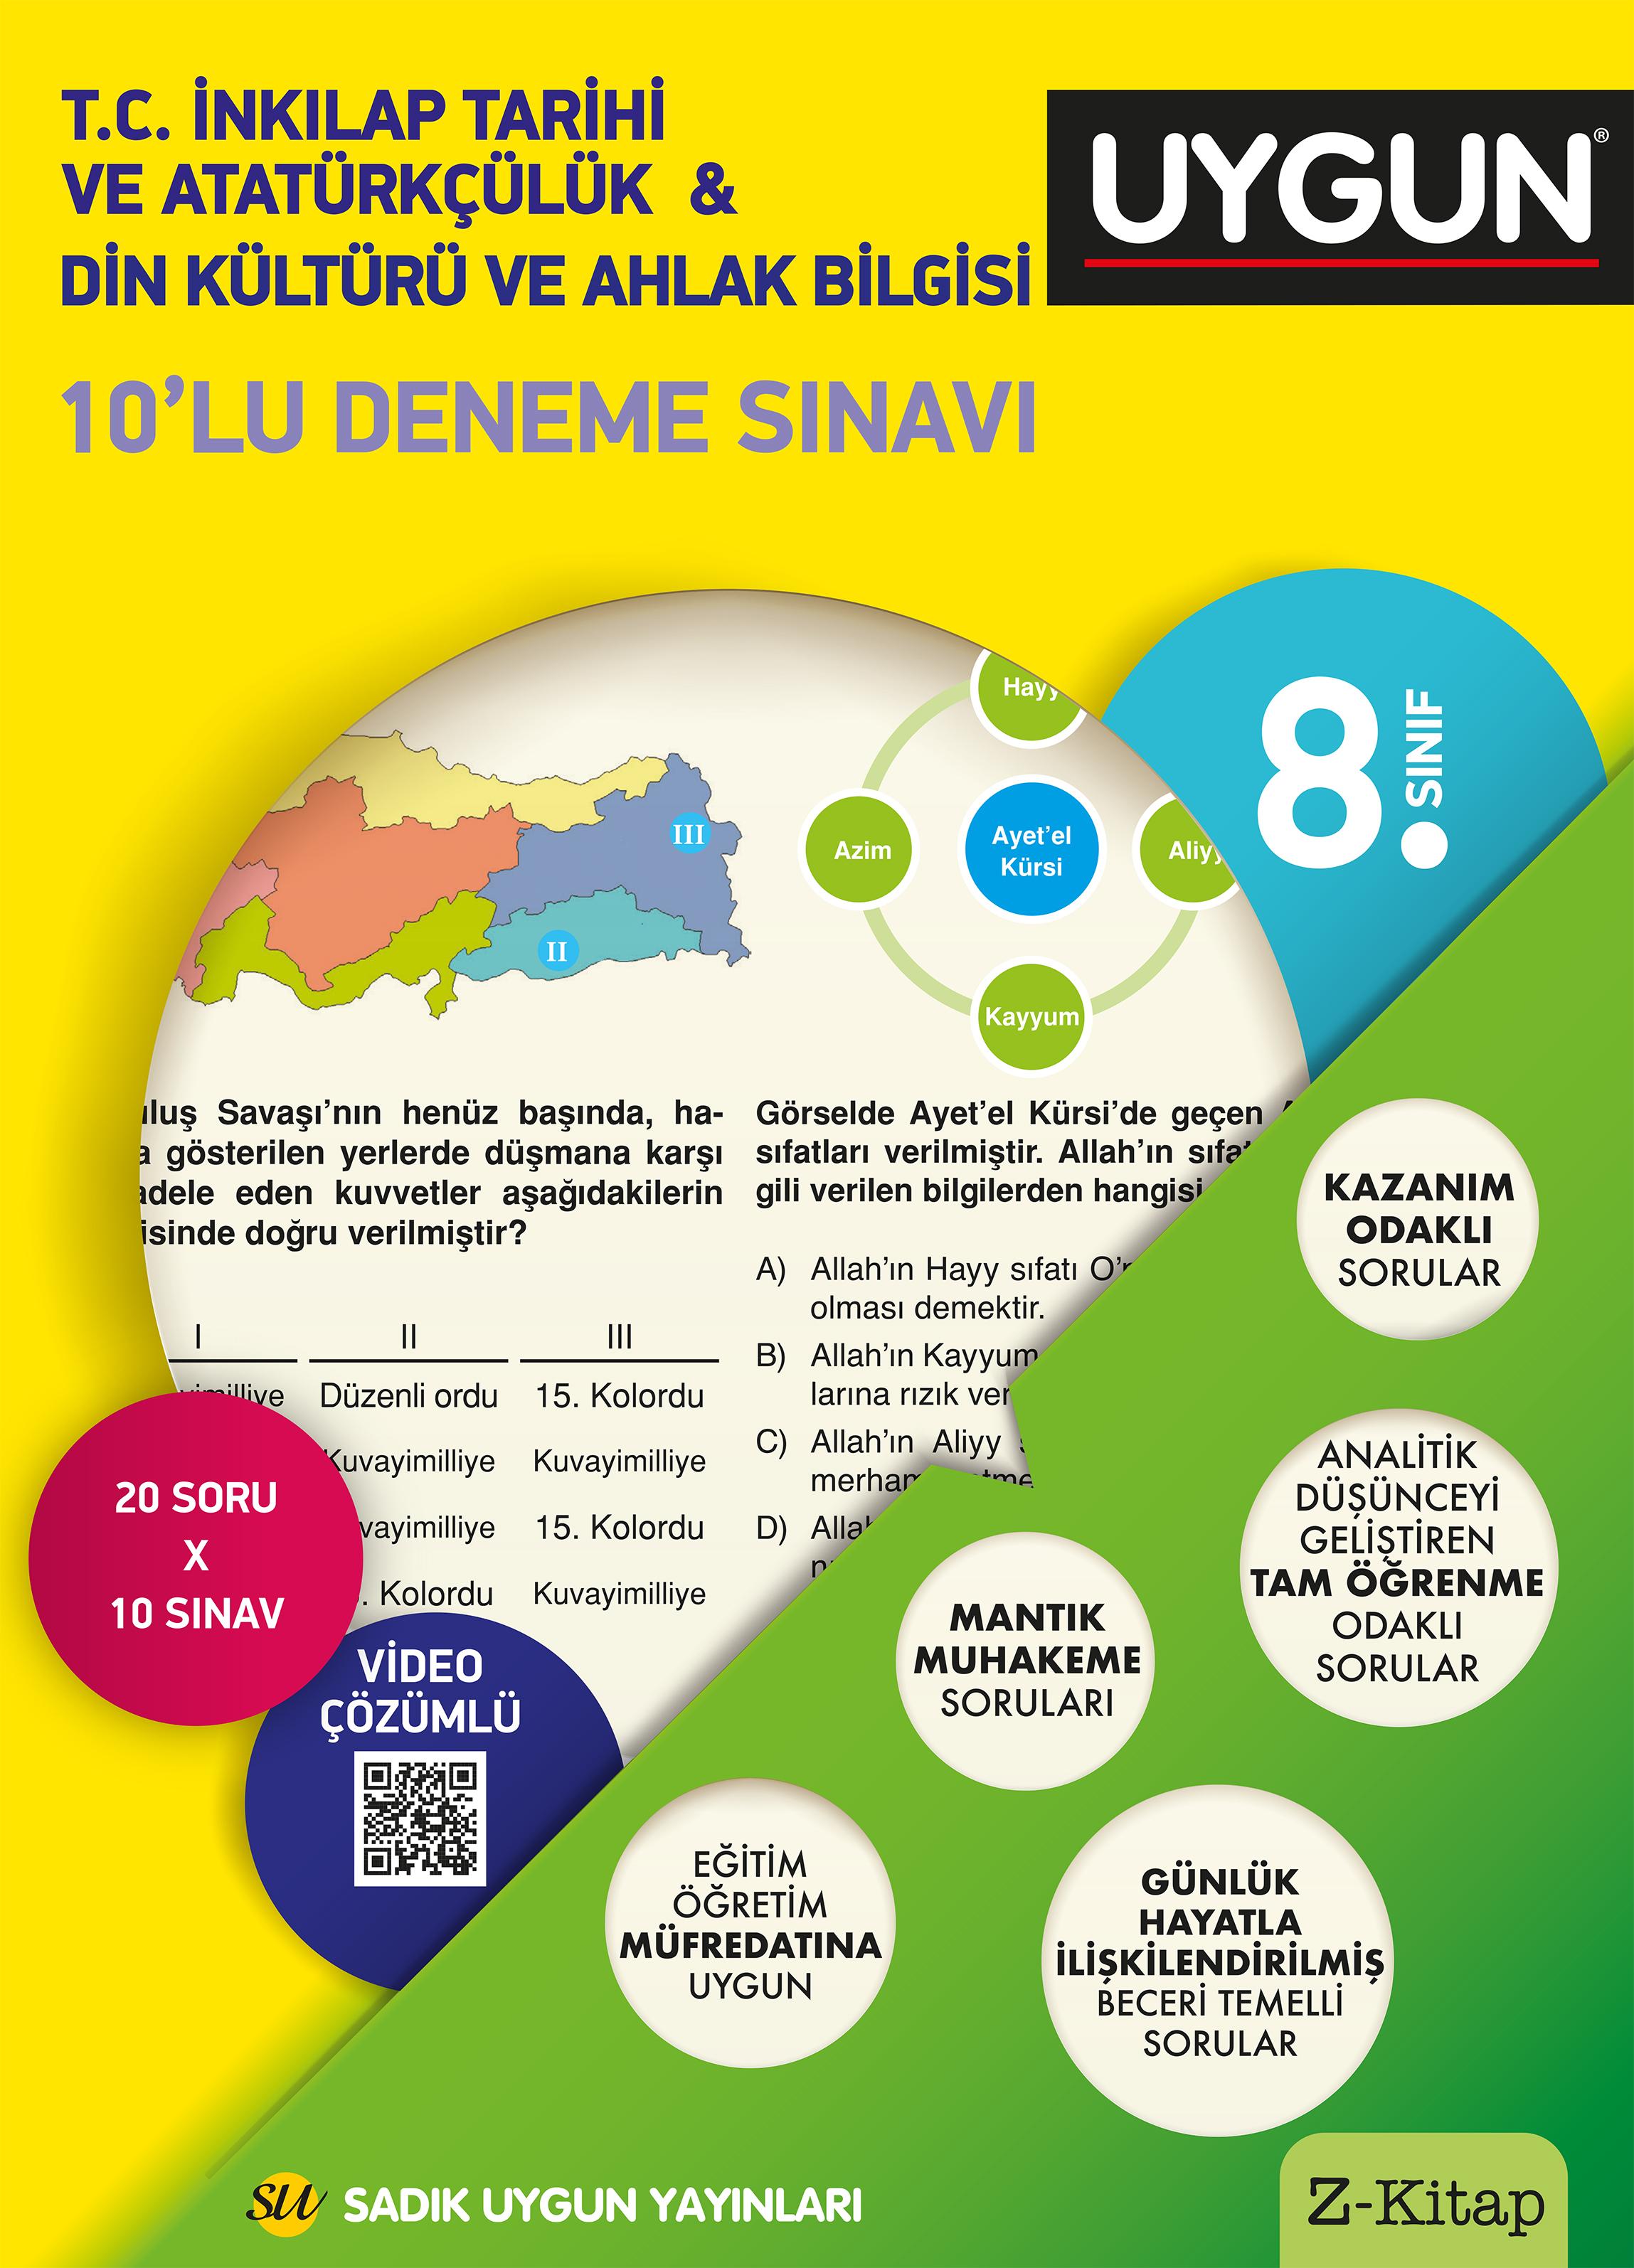 Uygun 8. Sınıf  T.C. İnkılap Tarihi ve Atatürkçülük – Din Kültürü ve Ahlak Bilgisi 10'lu Deneme Sınavı